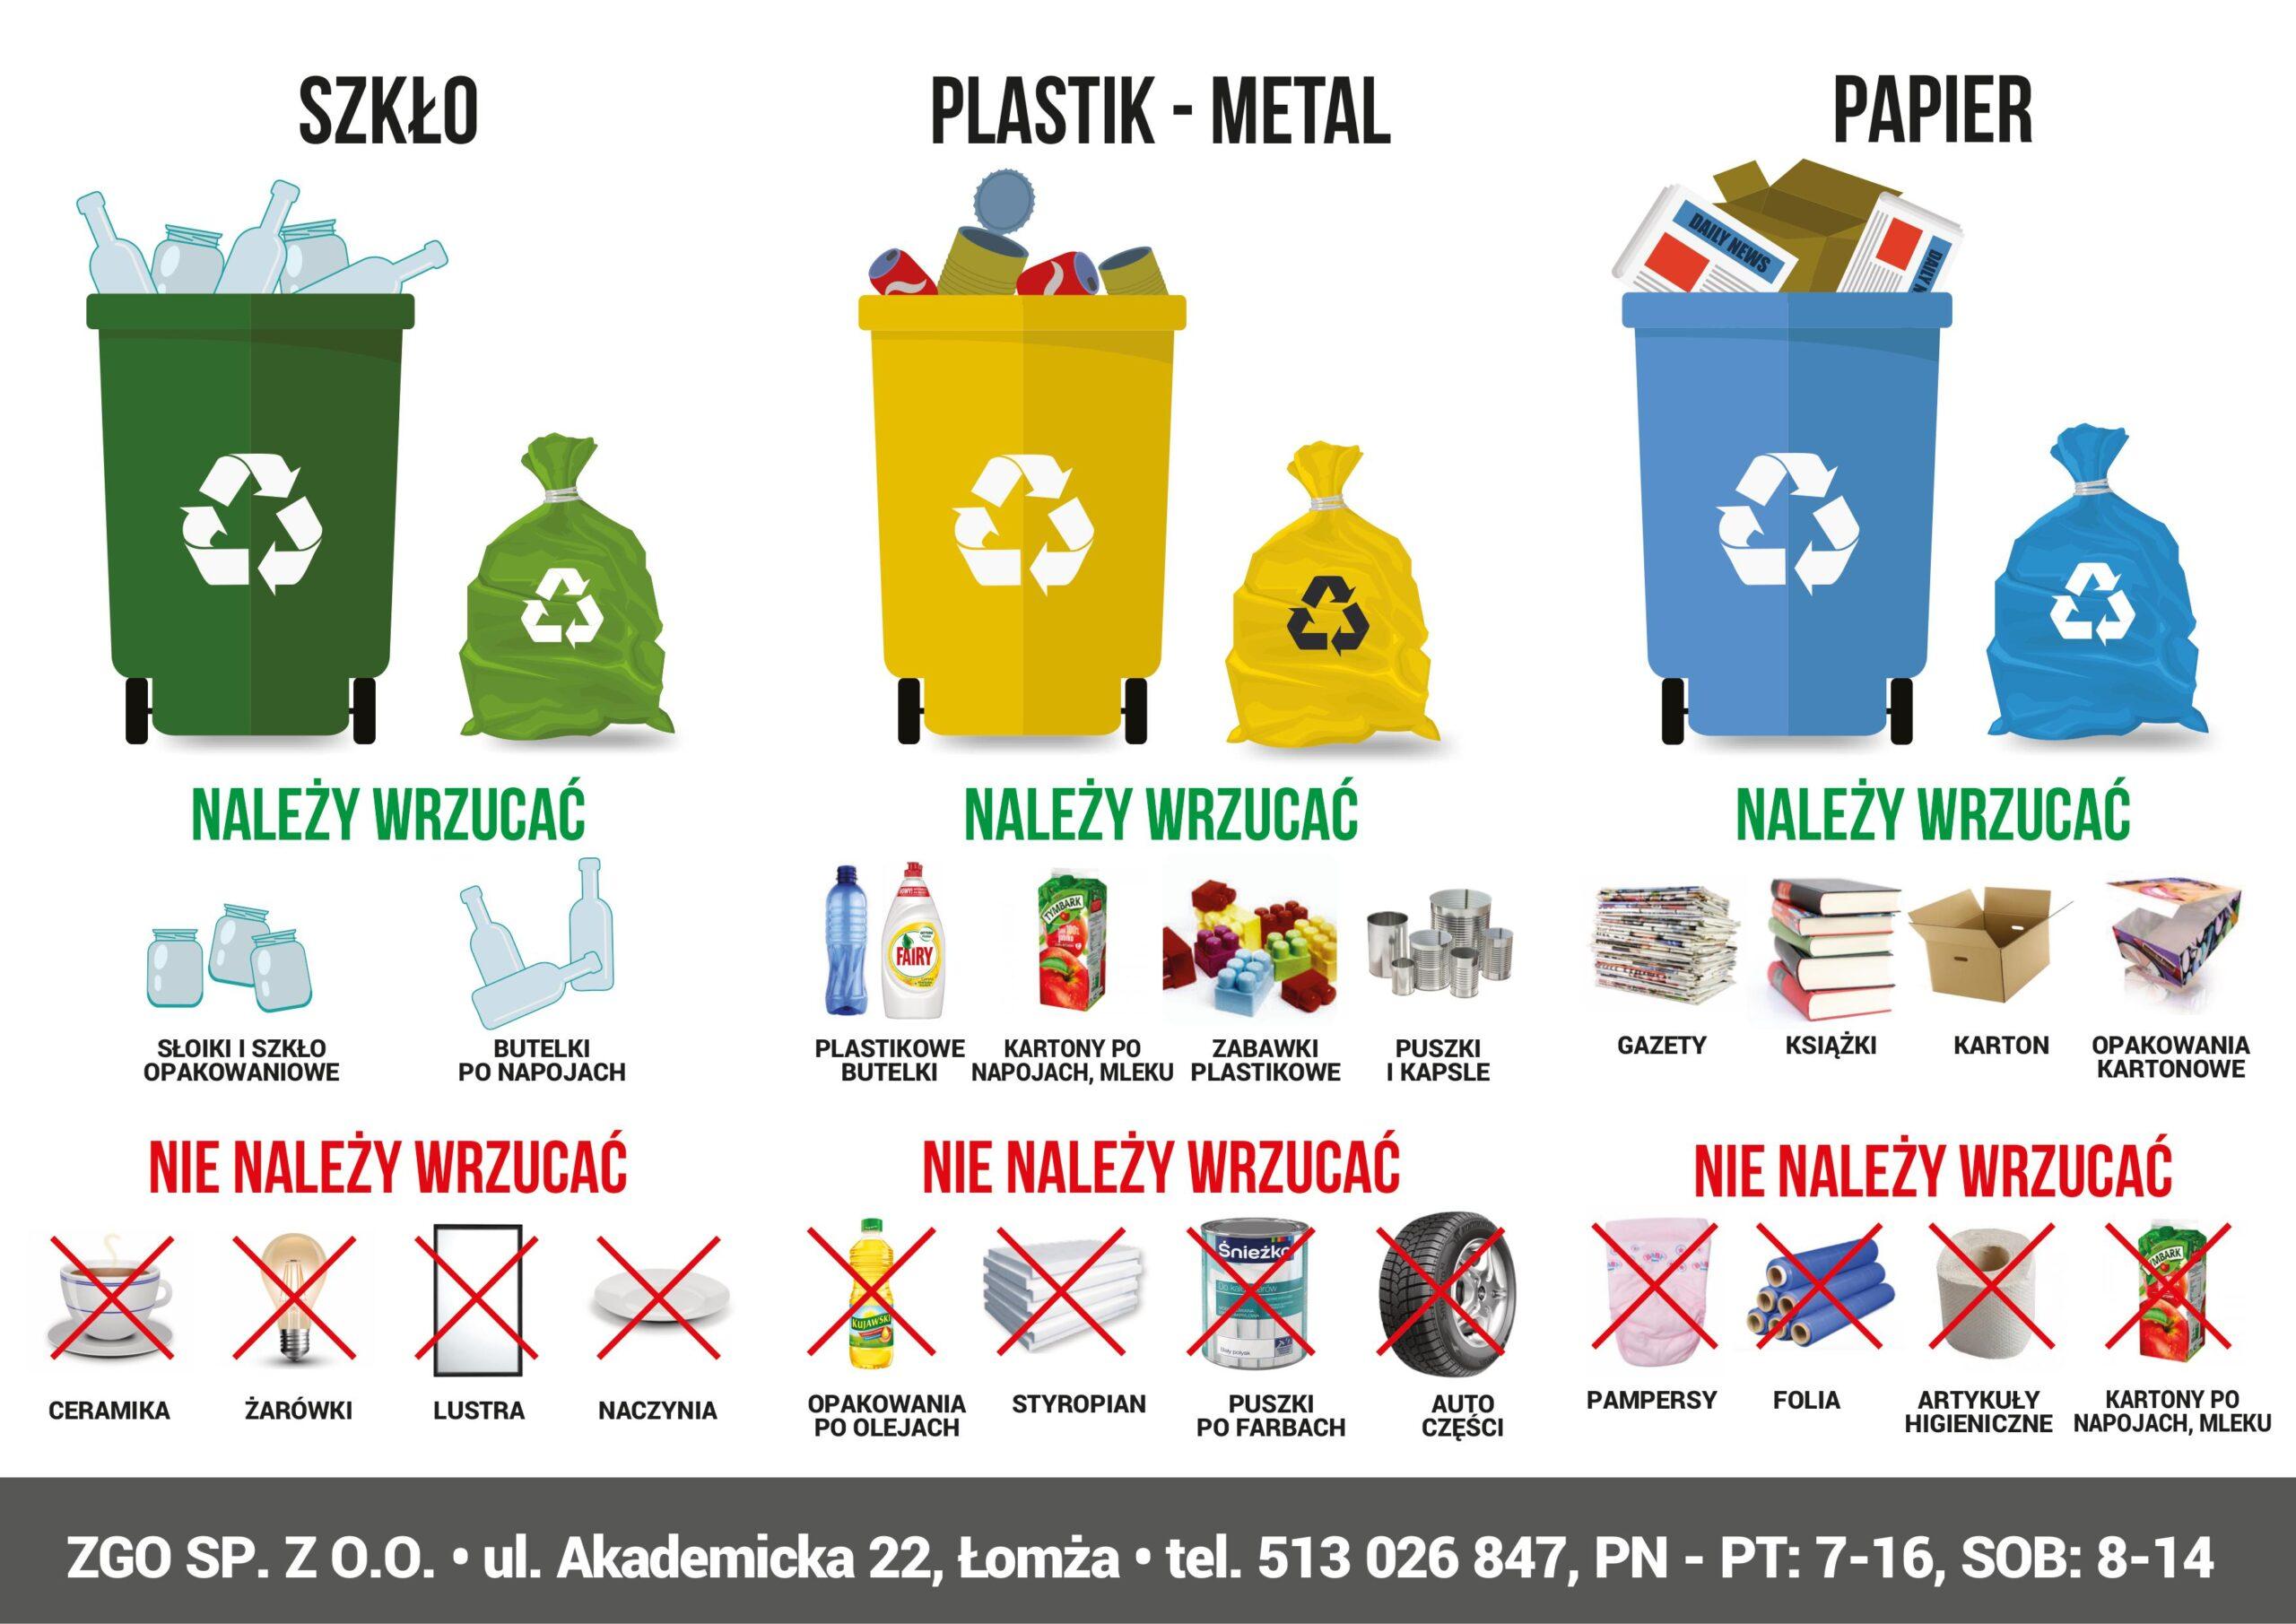 grafika-przedstawiająca-sposób-segregacji-odpadów